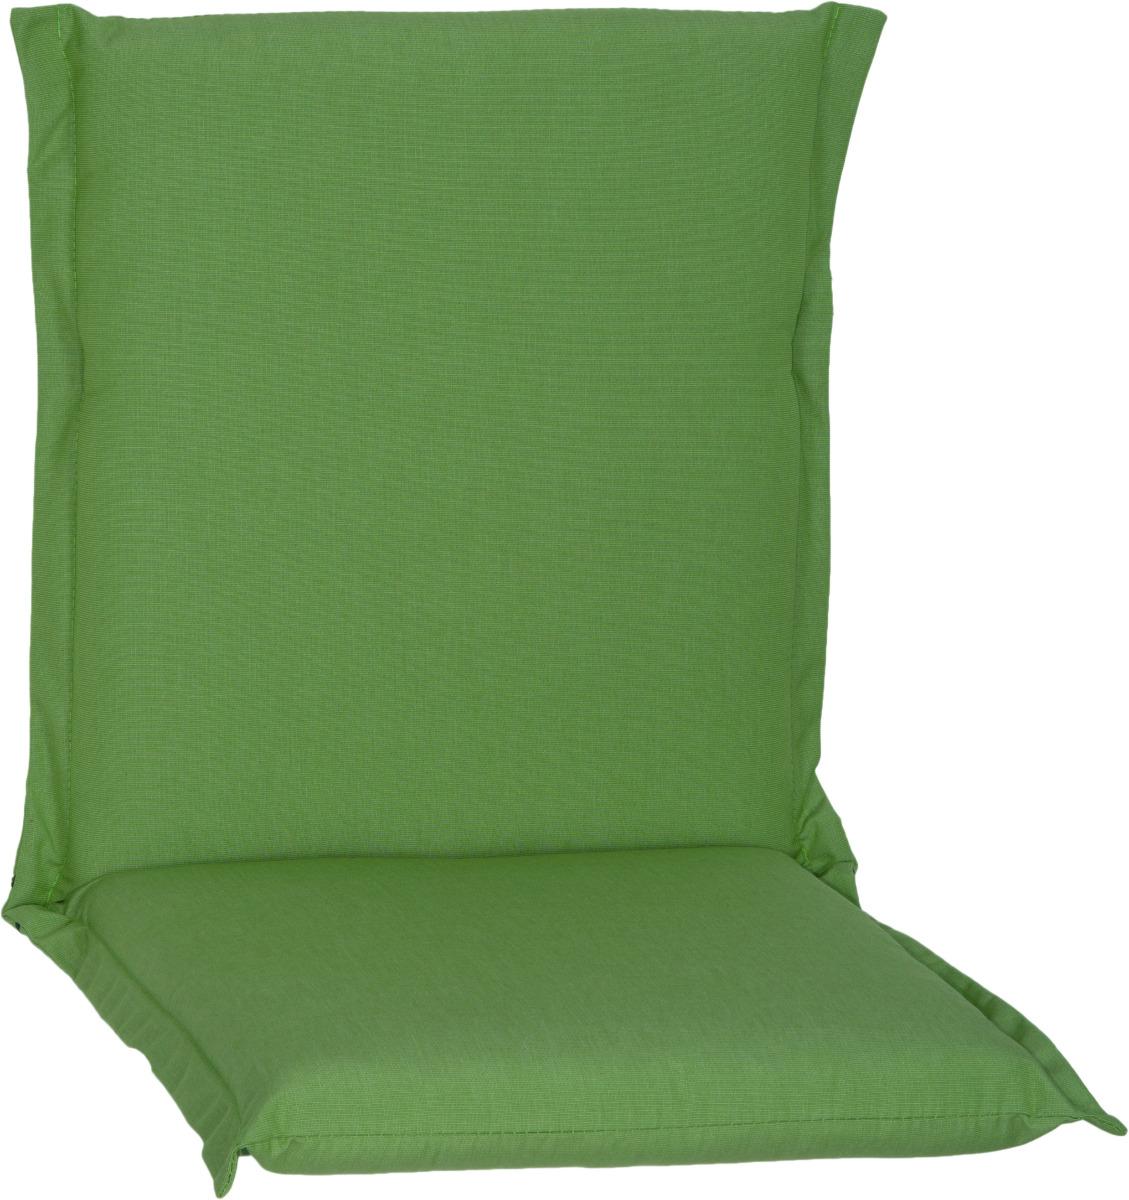 beo Gartenmöbel Auflage für Niedriglehner Dralon Bezug hellgrün DU51